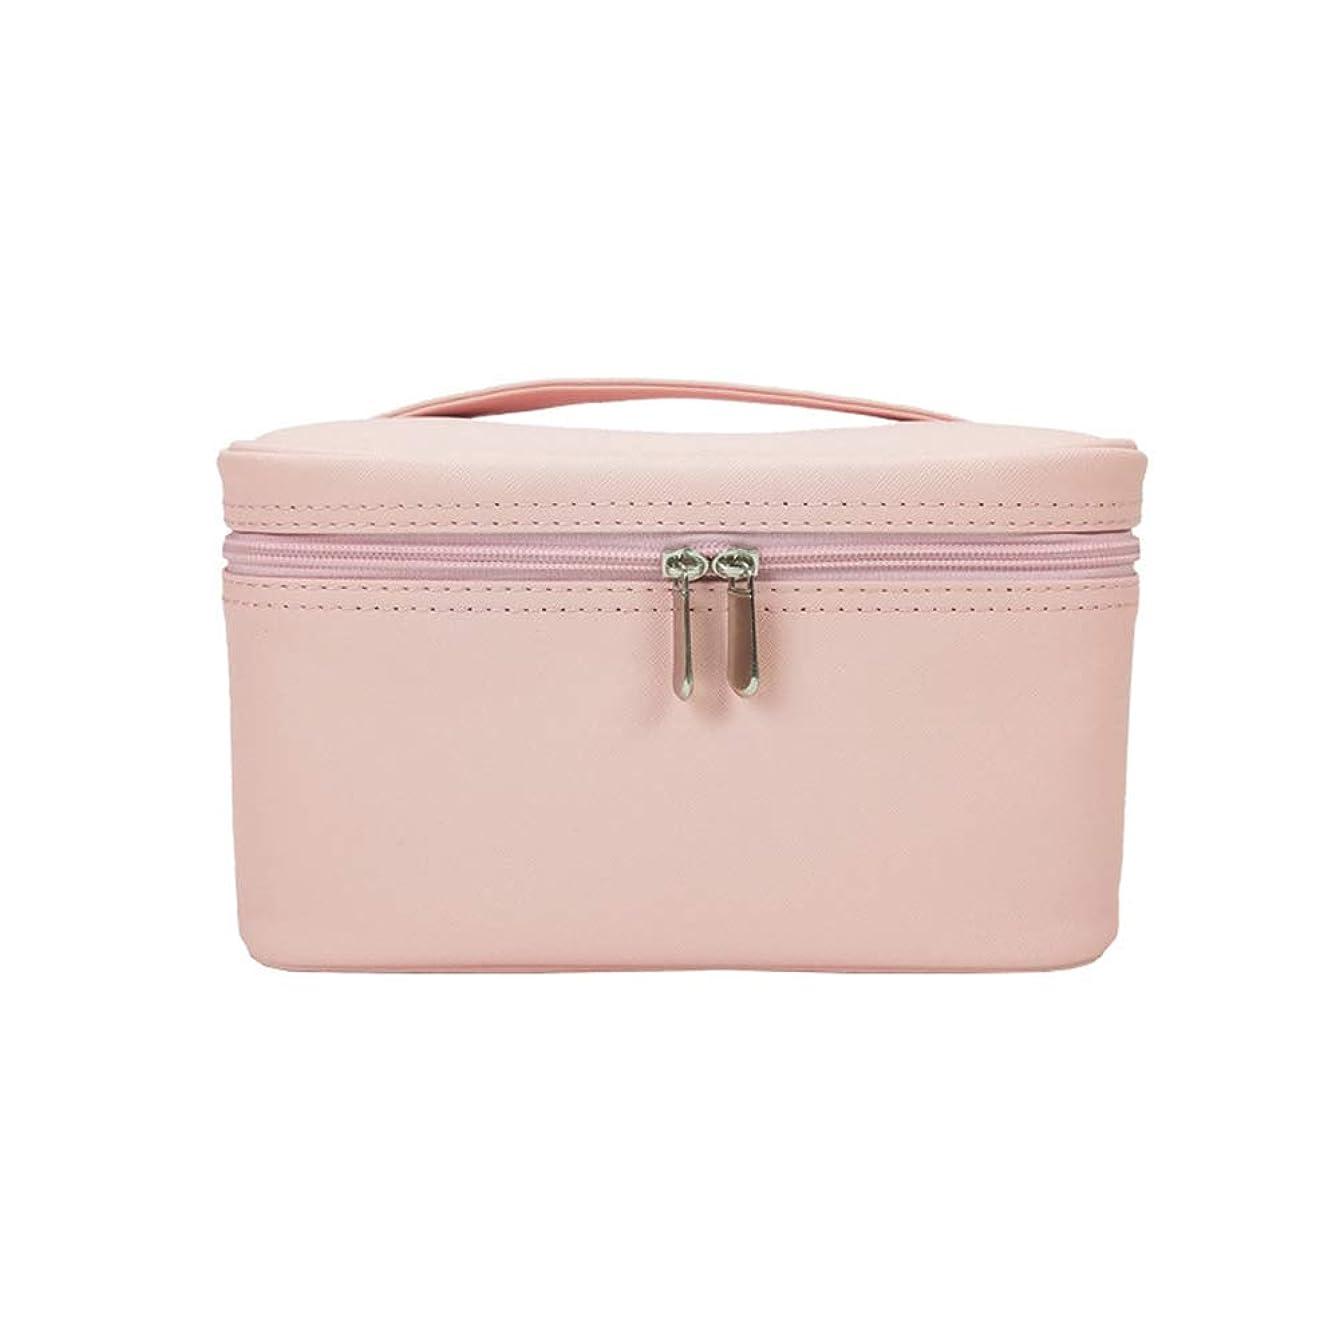 通知ツール翻訳特大スペース収納ビューティーボックス 女の子の女性旅行のための新しく、実用的な携帯用化粧箱およびロックおよび皿が付いている毎日の貯蔵 化粧品化粧台 (色 : ピンク)